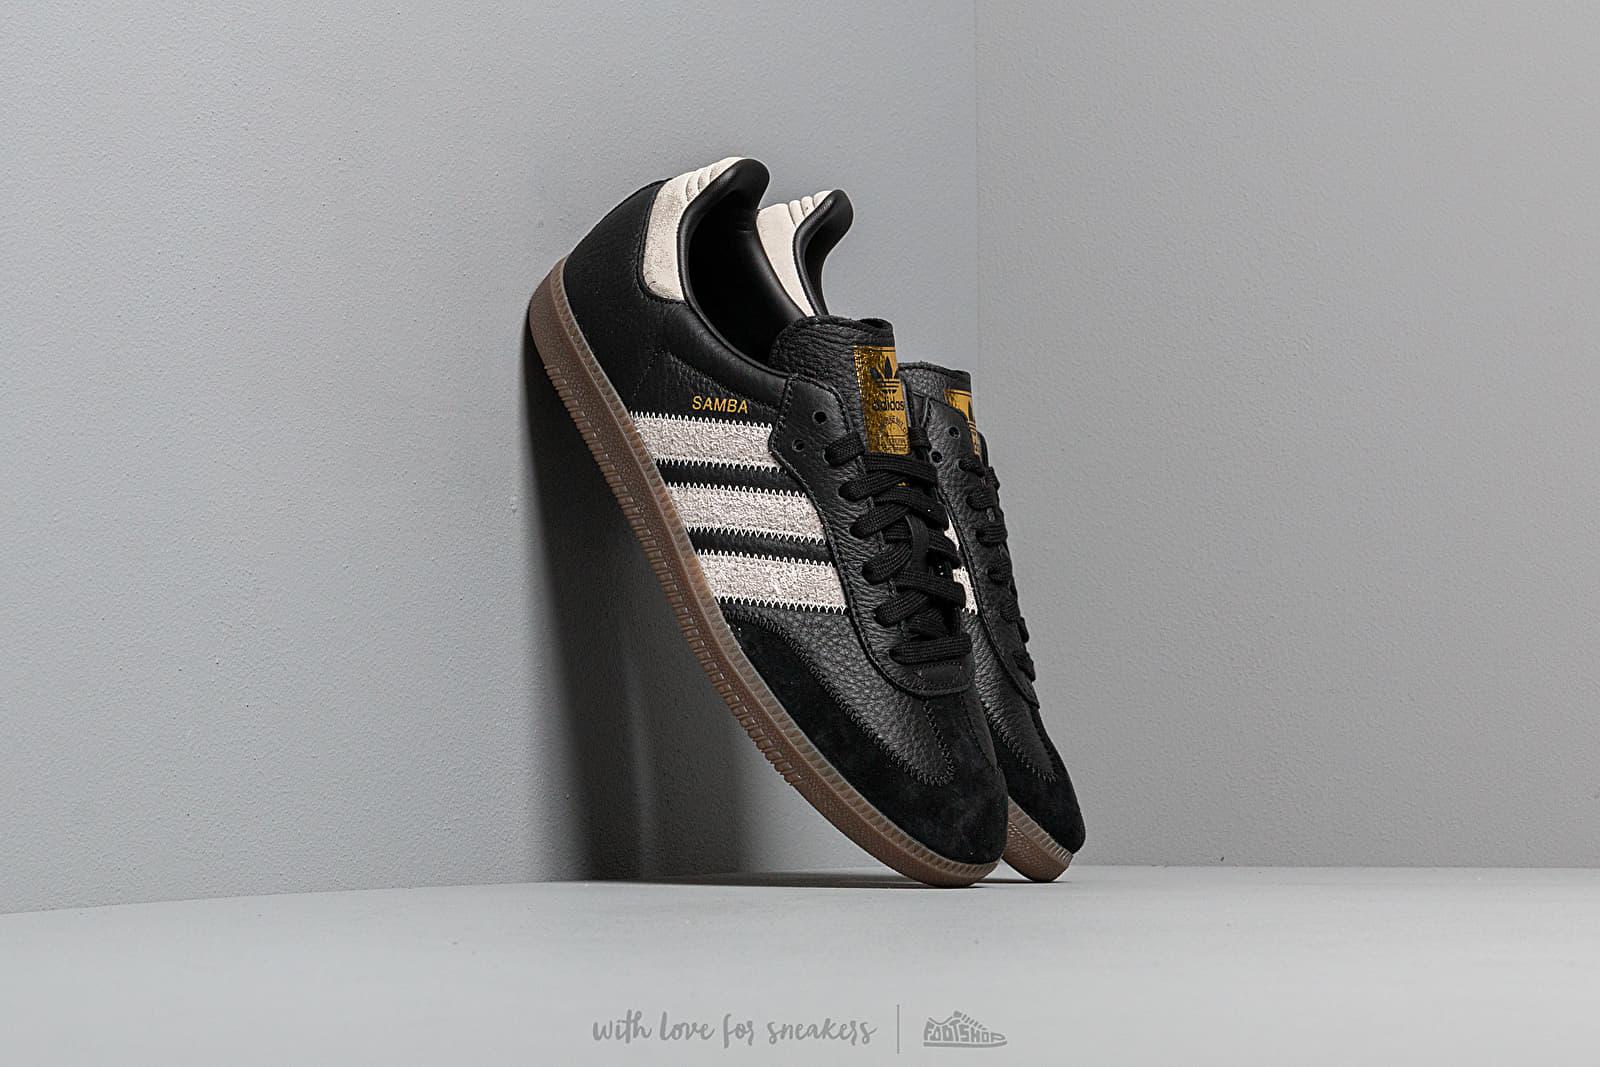 Pánské tenisky a boty adidas Samba OG Ft Core Black/ Raw White/ Gold Metalic